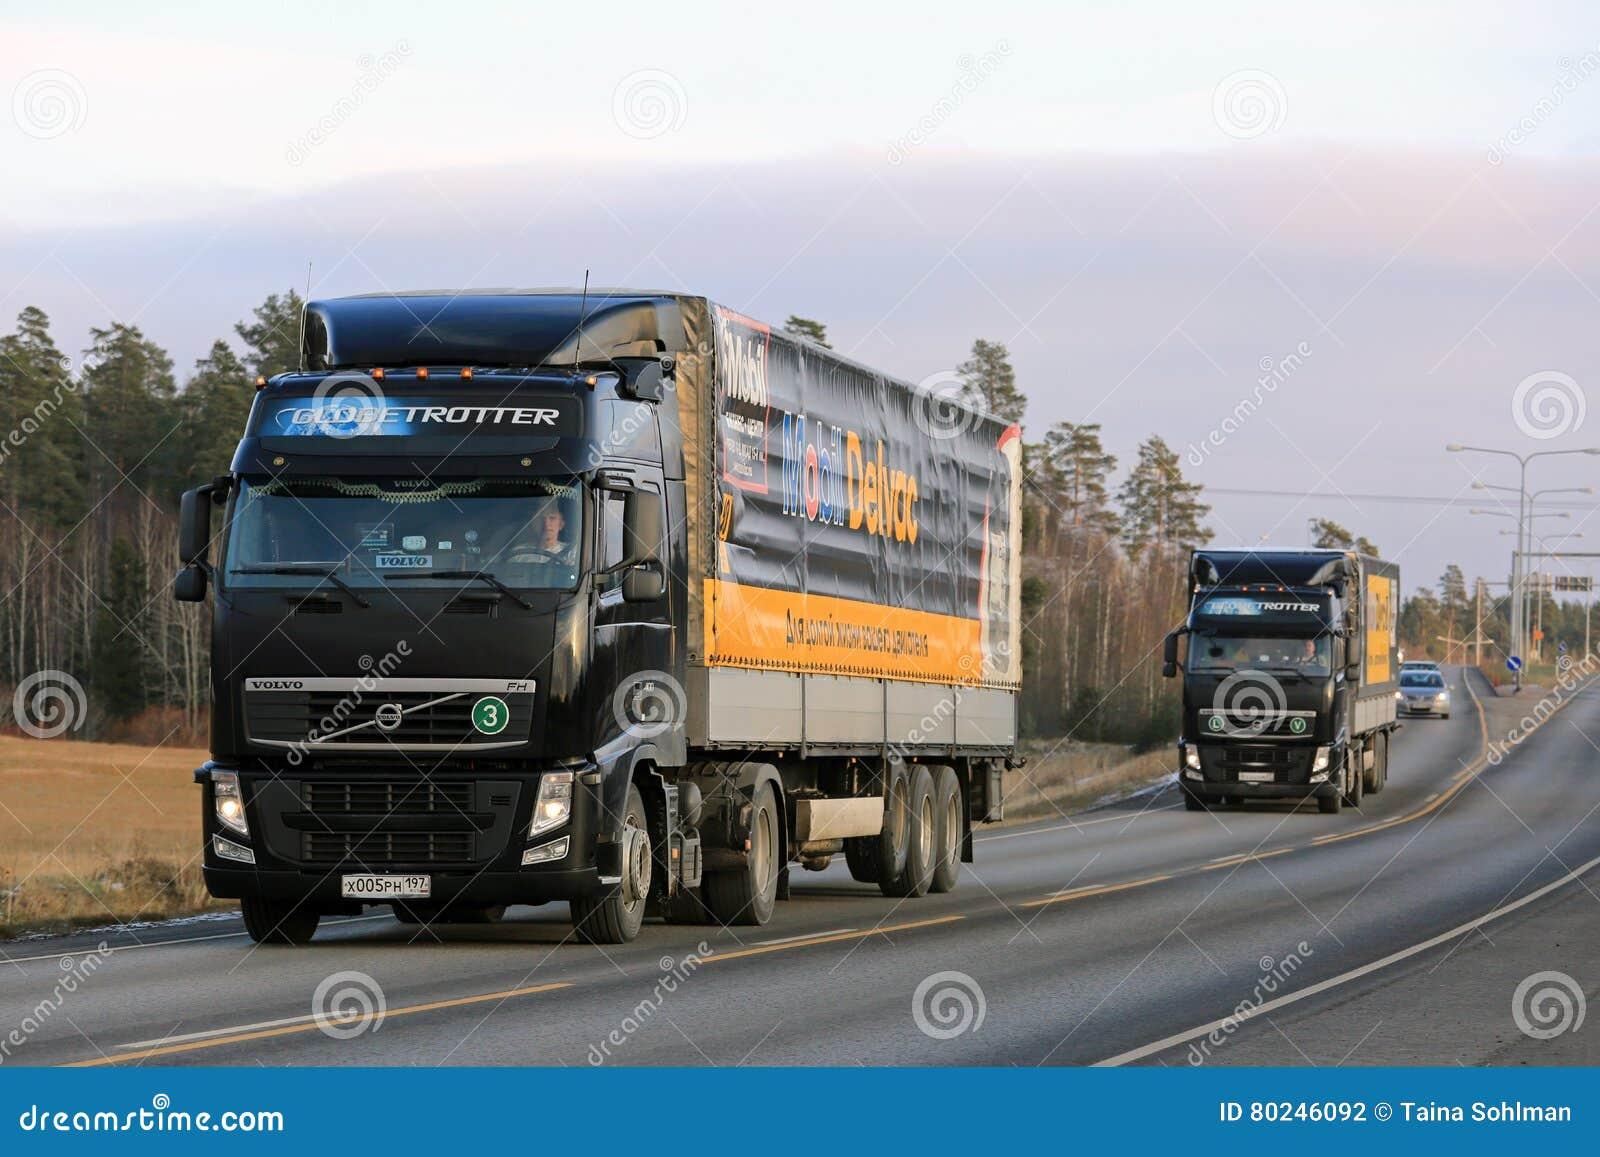 Semi Truck Oil : Two black volvo trucks haul mobil delvac oils editorial